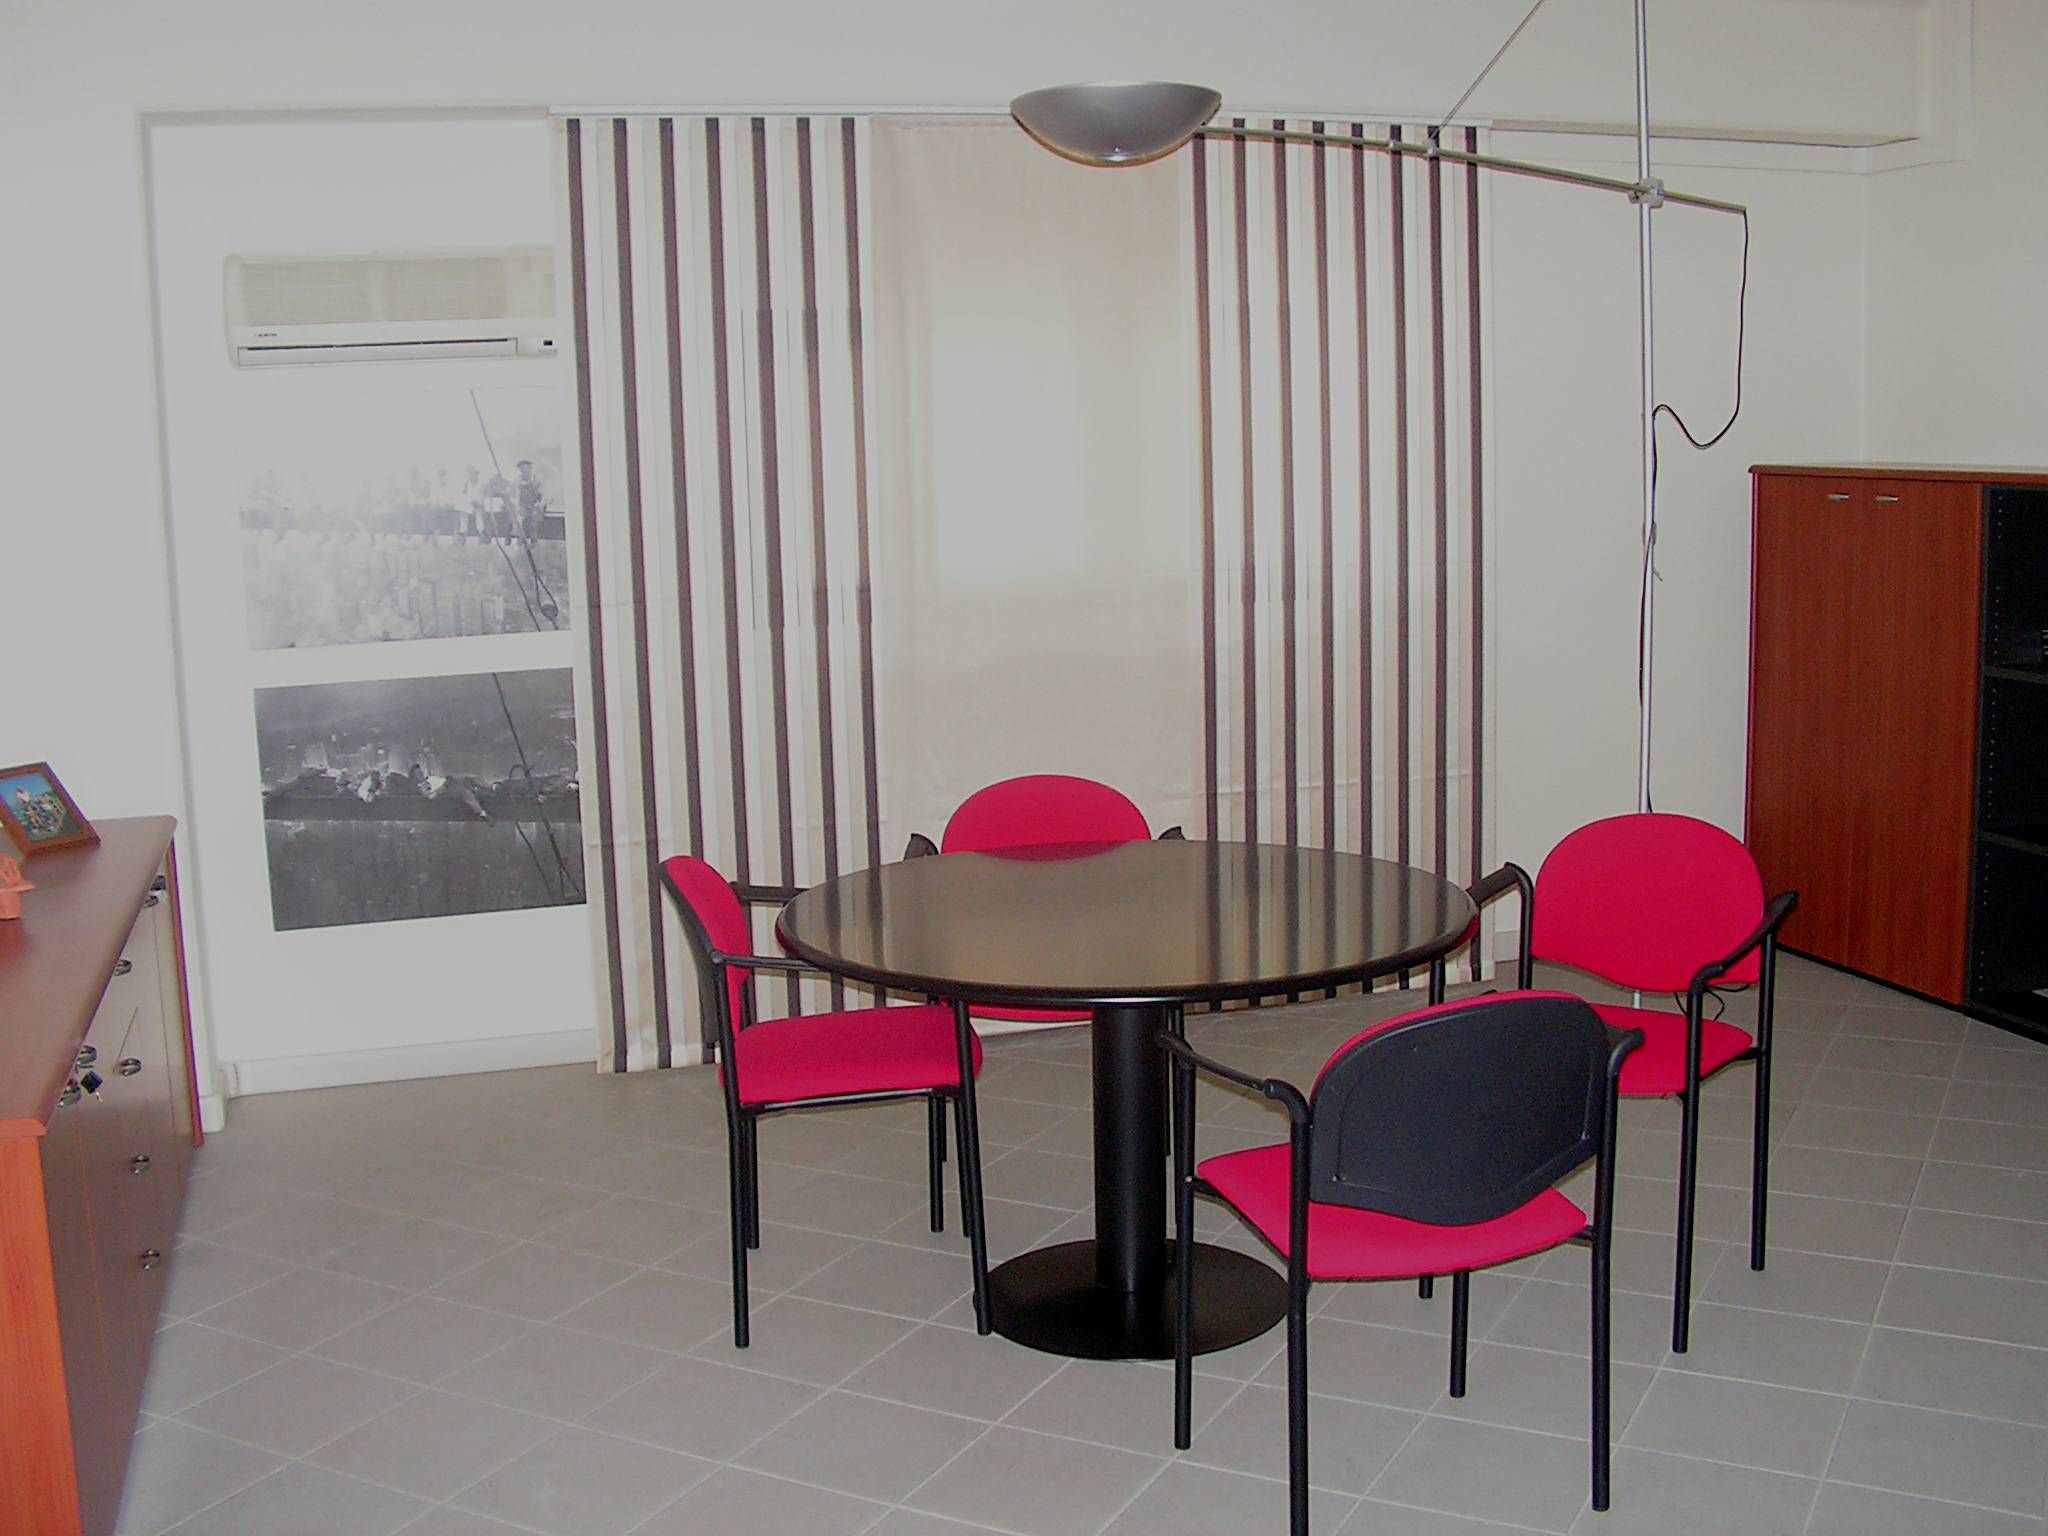 Tende Per Ufficio A Pannelli : Tende per ufficio a pannelli di grandi dimensioni realizzate in